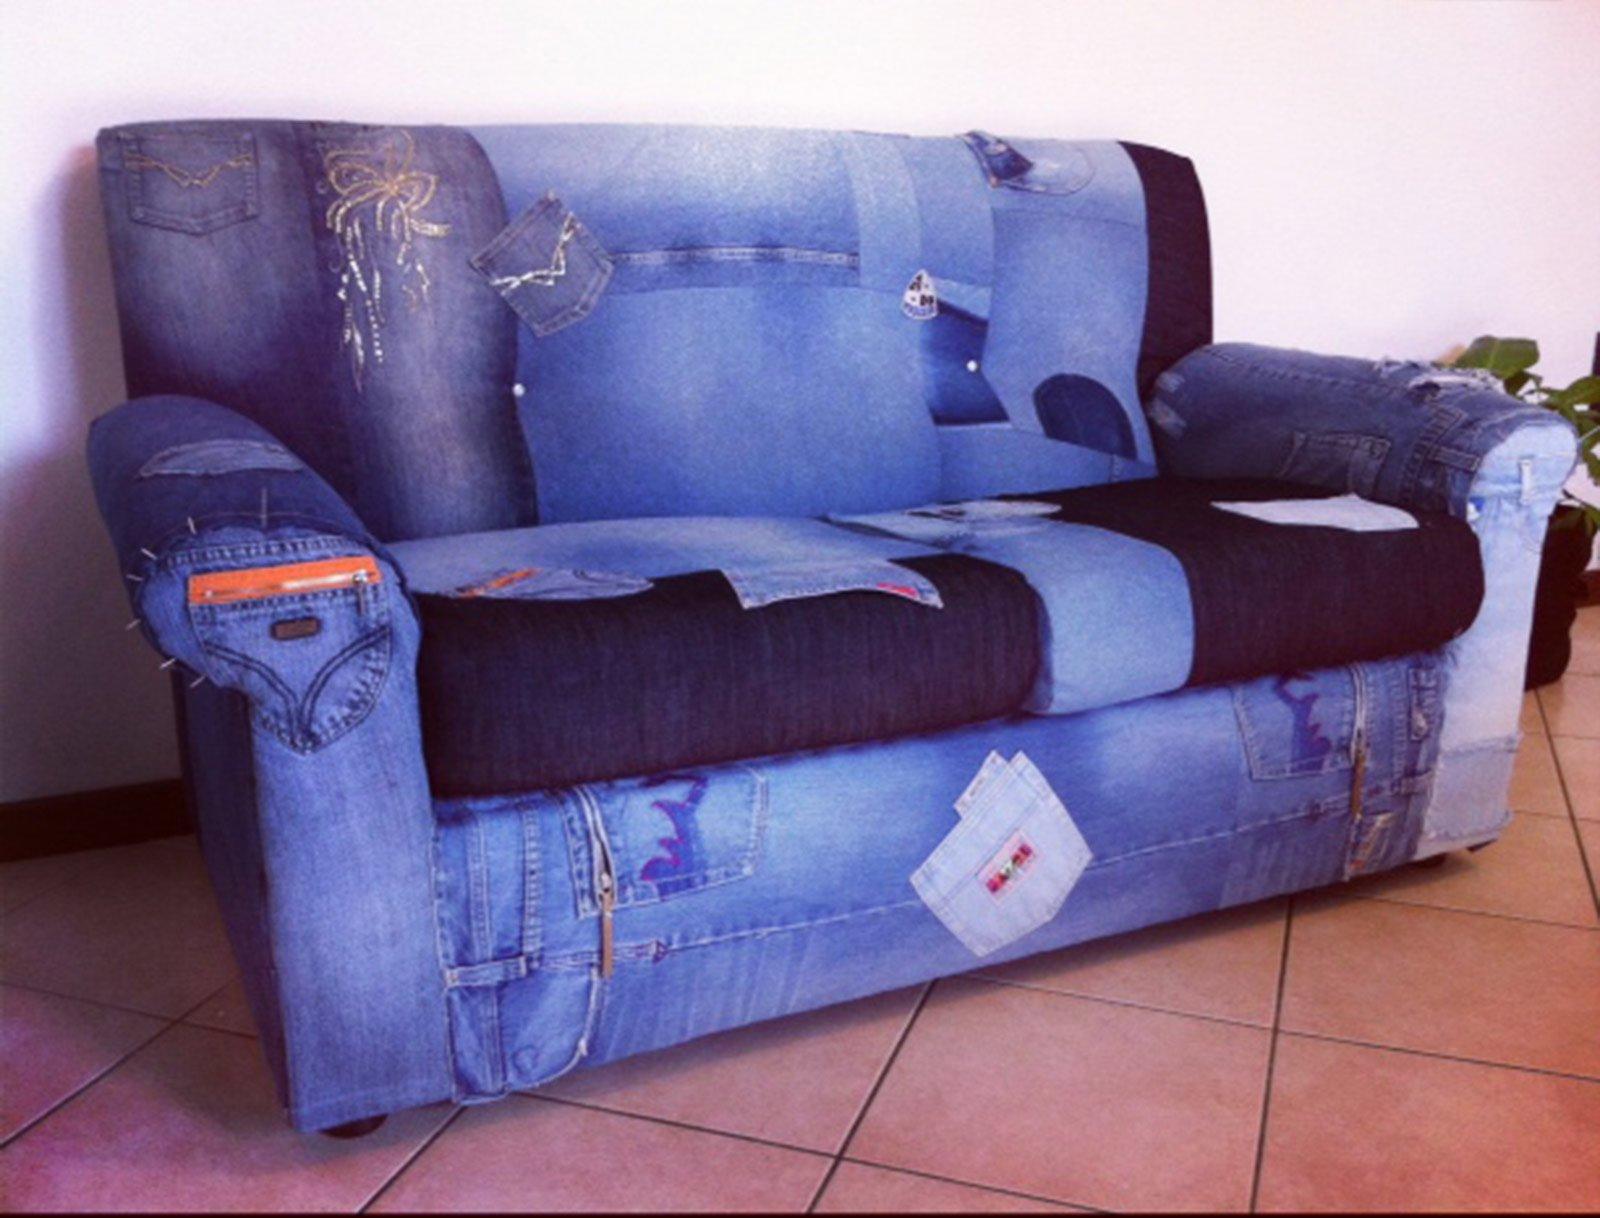 Rinnovare Divano In Tessuto sistemi di isolamento termico: come rivestire un divano fai